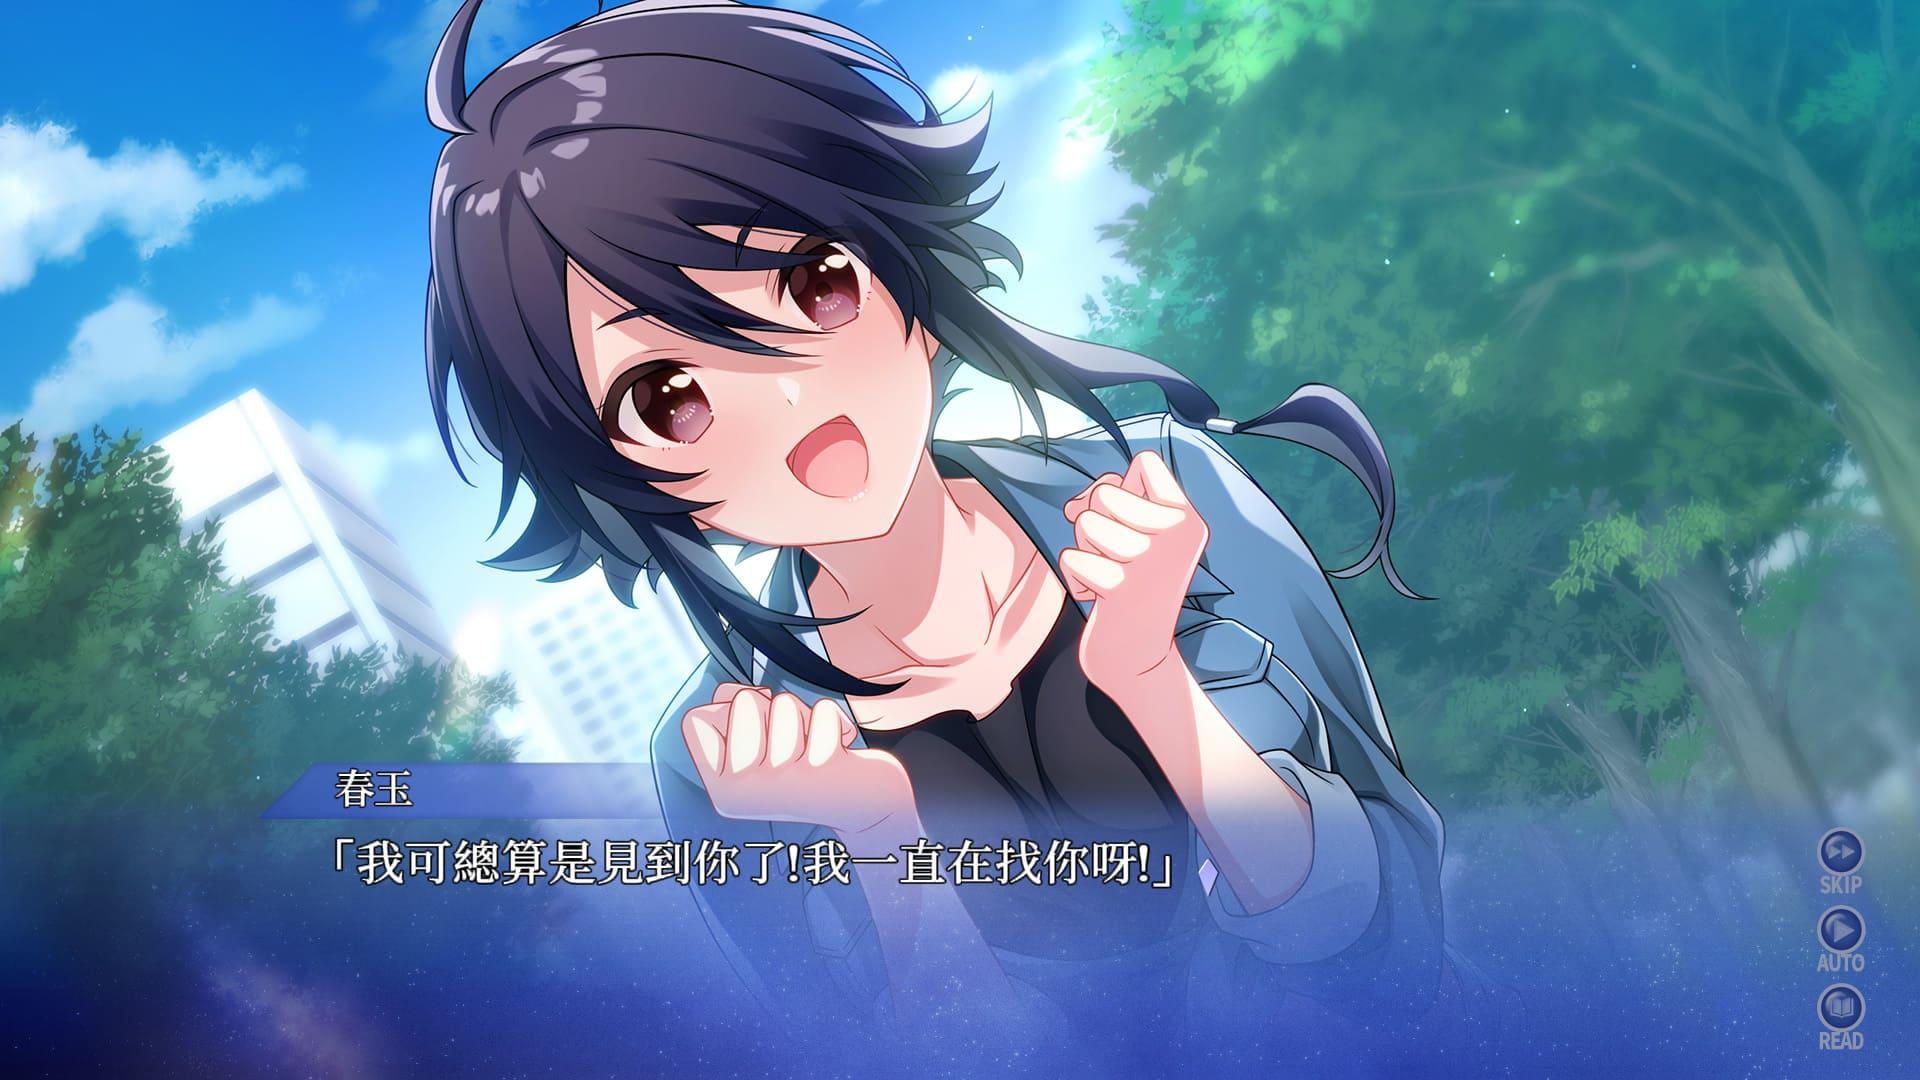 恋爱冒险游戏《SINce Memories 星穹之下》今日发售插图7